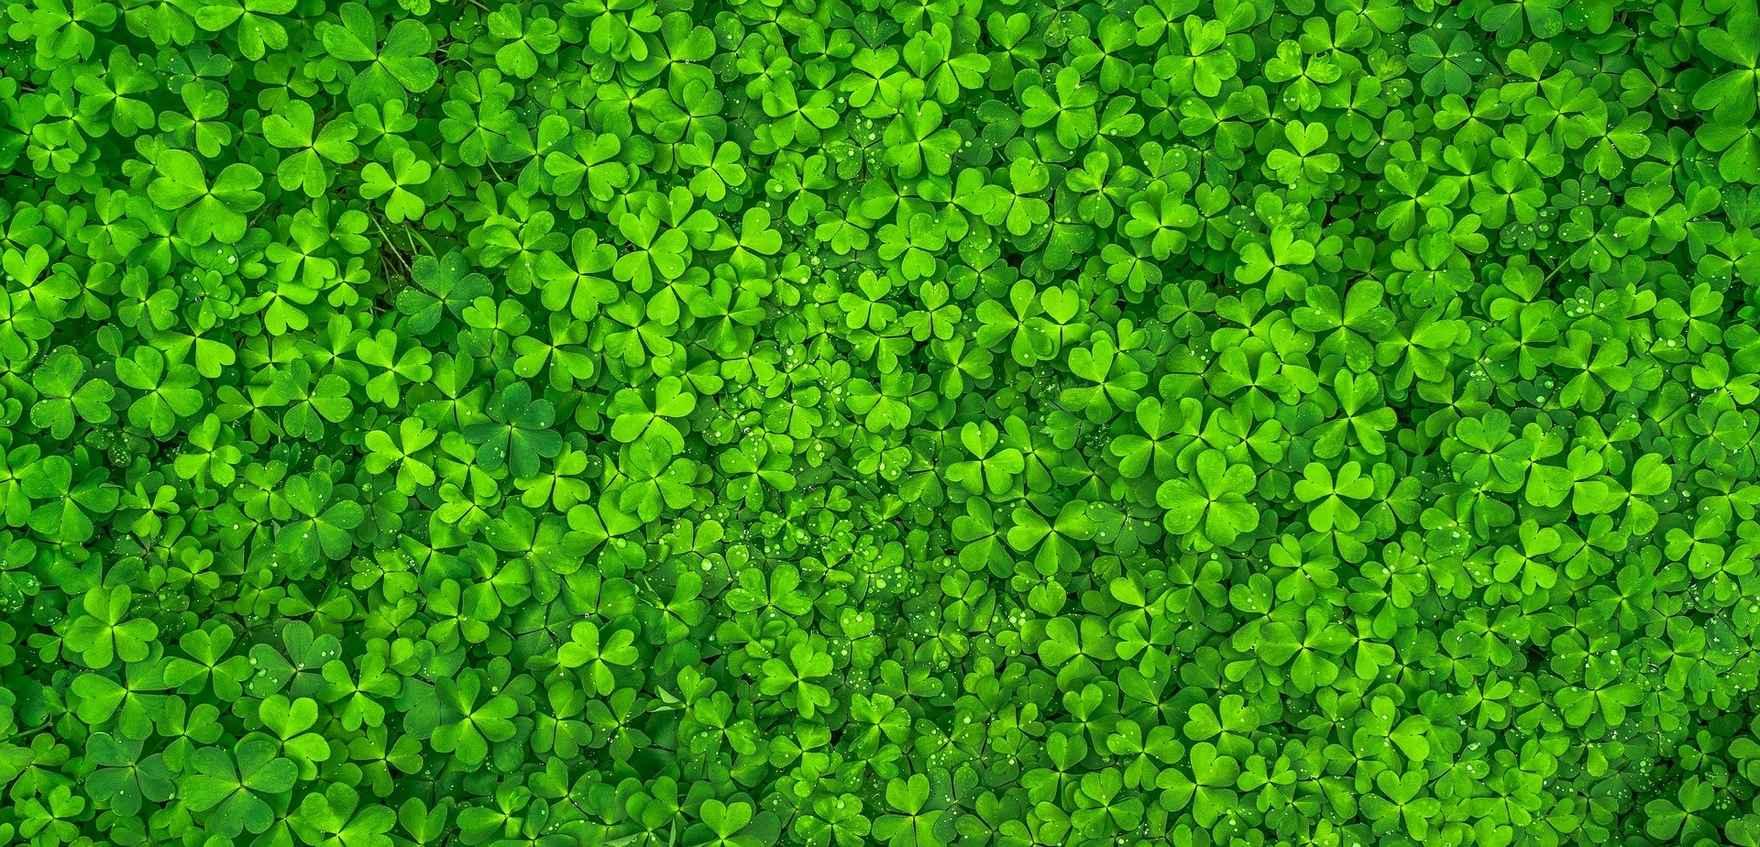 leaf-1482948_1920.jpg